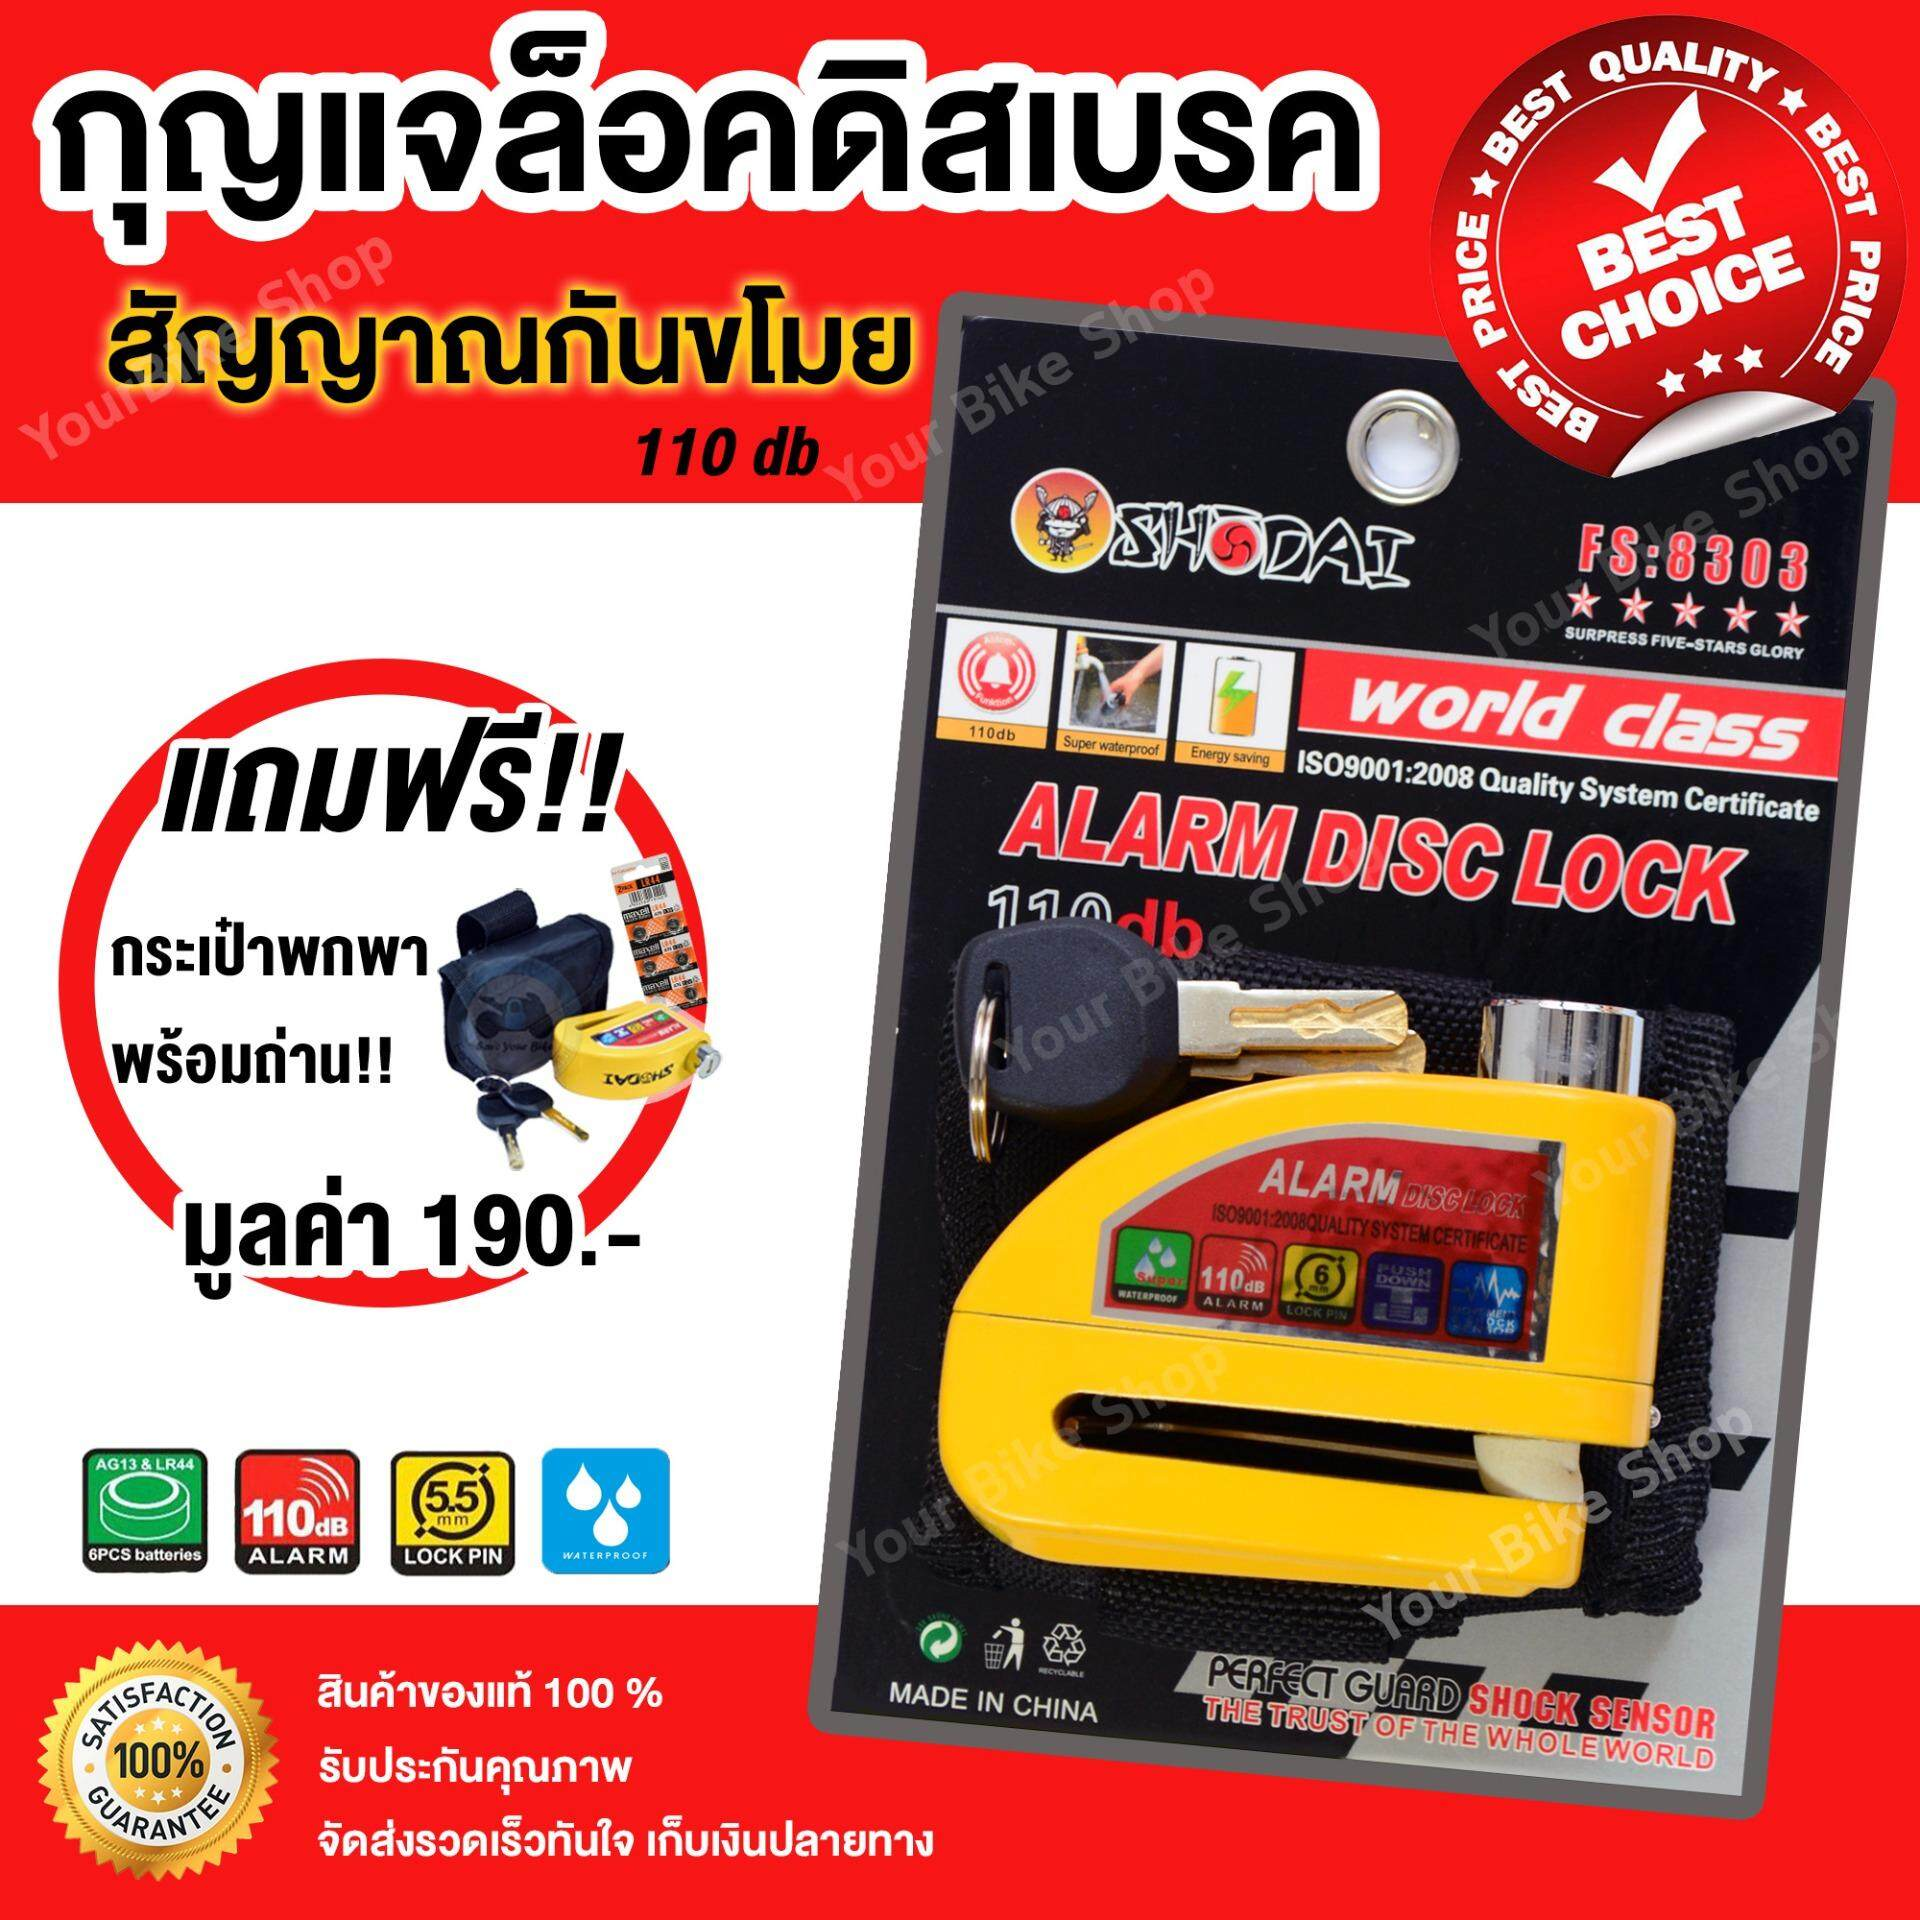 โปรโมชั่น กุญแจ ล็อคดิส ล็อคดิสเบรค รถจักรยานยนต์ มอเตอร์ไซด์ รุ่นแบบมีเสียง กันขโมย Shodai Alarm Lock Disc 110 Db Red ใน Thailand